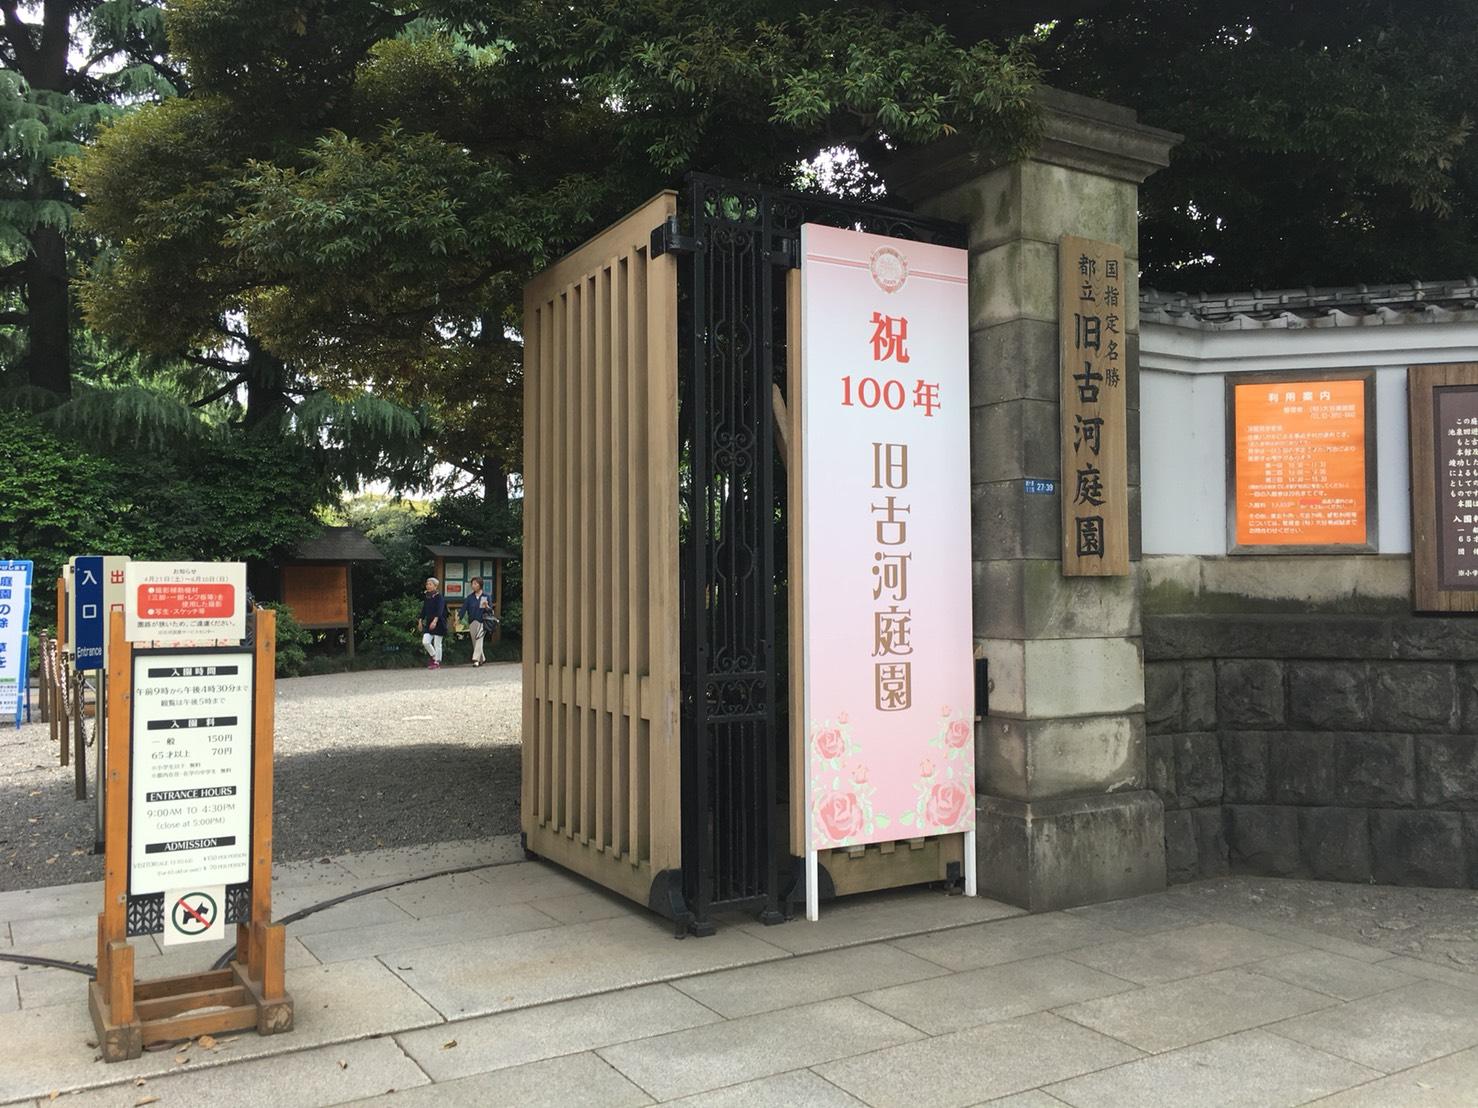 【上中里駅】バラが咲き誇る日英が混ざる庭園「旧古河庭園」の入口